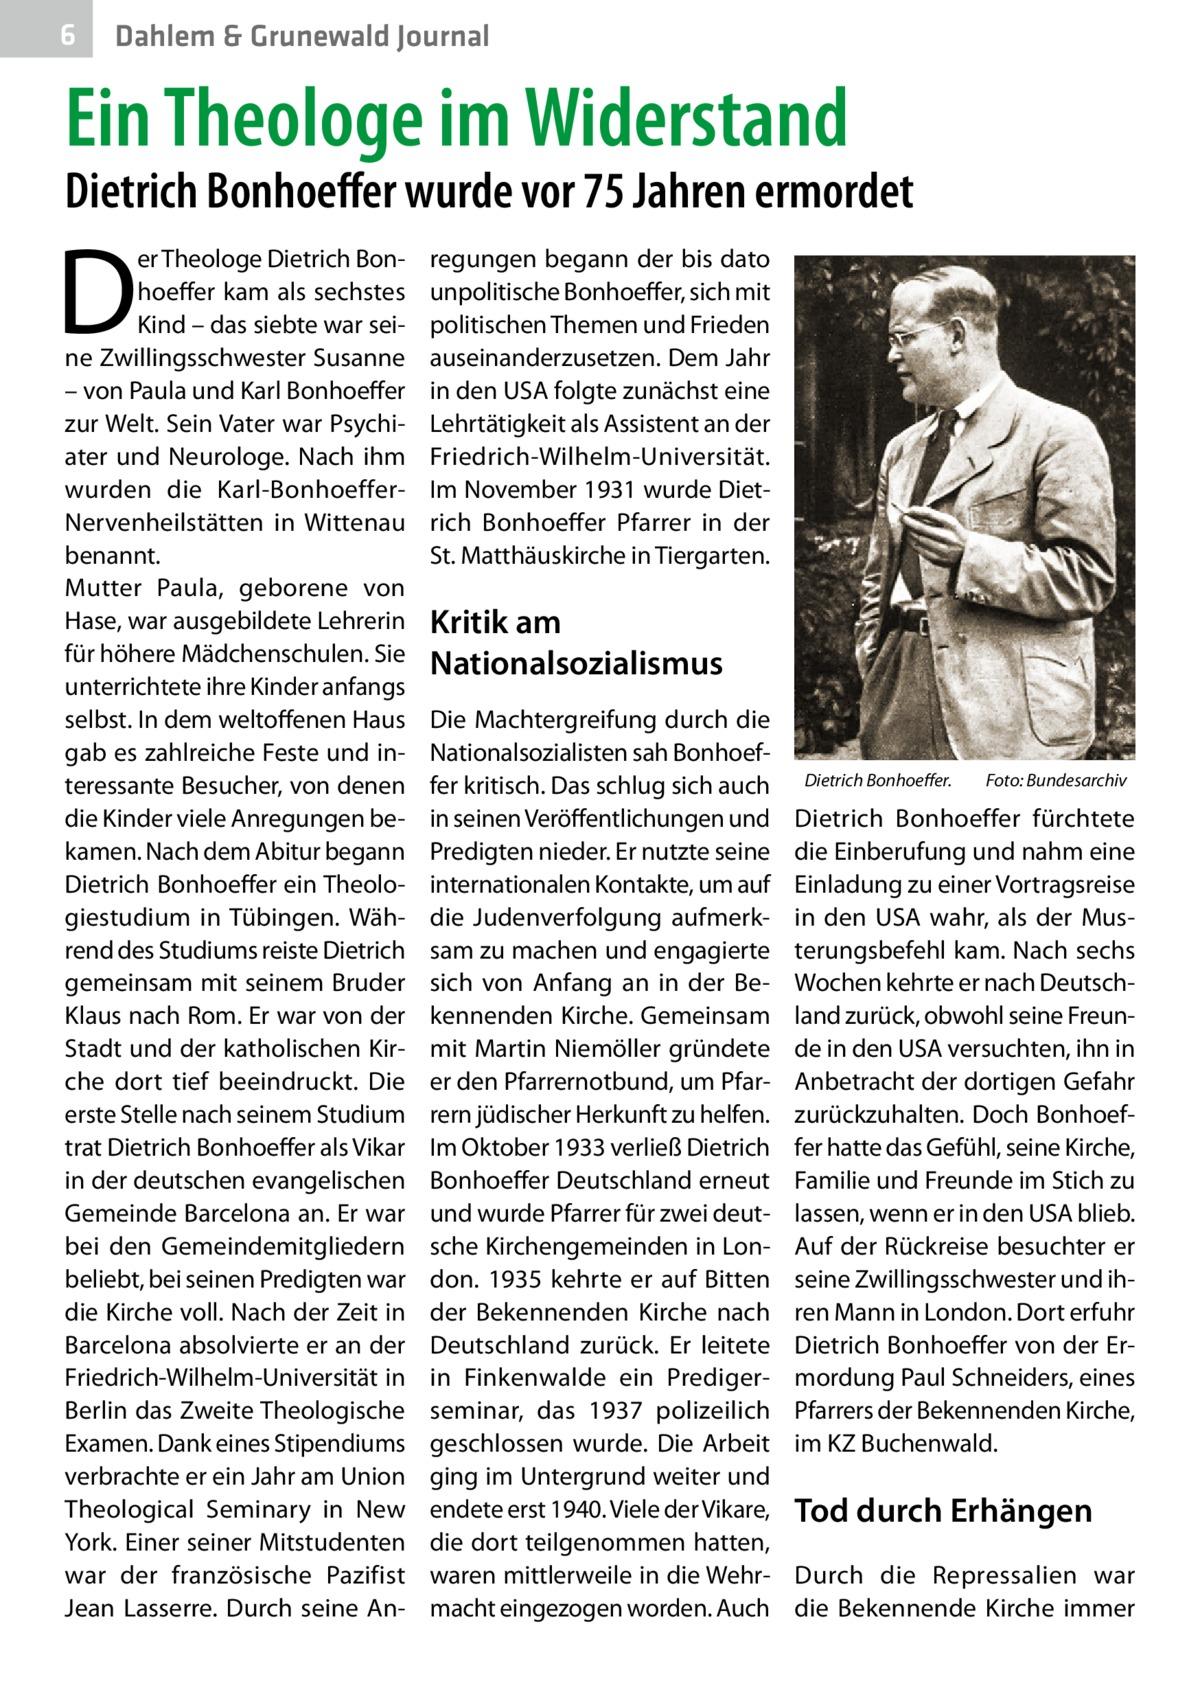 6  Dahlem & Grunewald Journal  Ein Theologe im Widerstand  Dietrich Bonhoeffer wurde vor 75Jahren ermordet  D  er Theologe Dietrich Bonhoeffer kam als sechstes Kind – das siebte war seine Zwillingsschwester Susanne – von Paula und Karl Bonhoeffer zur Welt. Sein Vater war Psychiater und Neurologe. Nach ihm wurden die Karl-BonhoefferNervenheilstätten in Wittenau benannt. Mutter Paula, geborene von Hase, war ausgebildete Lehrerin für höhere Mädchenschulen. Sie unterrichtete ihre Kinder anfangs selbst. In dem weltoffenen Haus gab es zahlreiche Feste und interessante Besucher, von denen die Kinder viele Anregungen bekamen. Nach dem Abitur begann Dietrich Bonhoeffer ein Theologiestudium in Tübingen. Während des Studiums reiste Dietrich gemeinsam mit seinem Bruder Klaus nach Rom. Er war von der Stadt und der katholischen Kirche dort tief beeindruckt. Die erste Stelle nach seinem Studium trat Dietrich Bonhoeffer als Vikar in der deutschen evangelischen Gemeinde Barcelona an. Er war bei den Gemeindemitgliedern beliebt, bei seinen Predigten war die Kirche voll. Nach der Zeit in Barcelona absolvierte er an der Friedrich-Wilhelm-Universität in Berlin das Zweite Theologische Examen. Dank eines Stipendiums verbrachte er ein Jahr am Union Theological Seminary in New York. Einer seiner Mitstudenten war der französische Pazifist Jean Lasserre. Durch seine An regungen begann der bis dato unpolitische Bonhoeffer, sich mit politischen Themen und Frieden auseinanderzusetzen. Dem Jahr in den USA folgte zunächst eine Lehrtätigkeit als Assistent an der Friedrich-Wilhelm-Universität. Im November 1931 wurde Dietrich Bonhoeffer Pfarrer in der St.Matthäuskirche in Tiergarten.  Kritik am Nationalsozialismus Die Machtergreifung durch die Nationalsozialisten sah Bonhoeffer kritisch. Das schlug sich auch in seinen Veröffentlichungen und Predigten nieder. Er nutzte seine internationalen Kontakte, um auf die Judenverfolgung aufmerksam zu machen und engagierte sich von Anfang an in der Bekennenden Ki